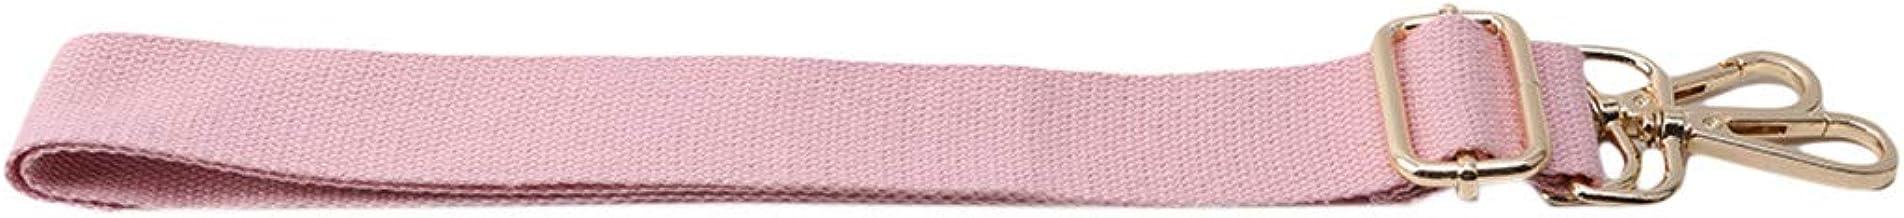 Botreelife Dick Segeltuch Tasche mit Ersatz Schultergurt verstellbare Tasche Gürtel Zubehör Rosa